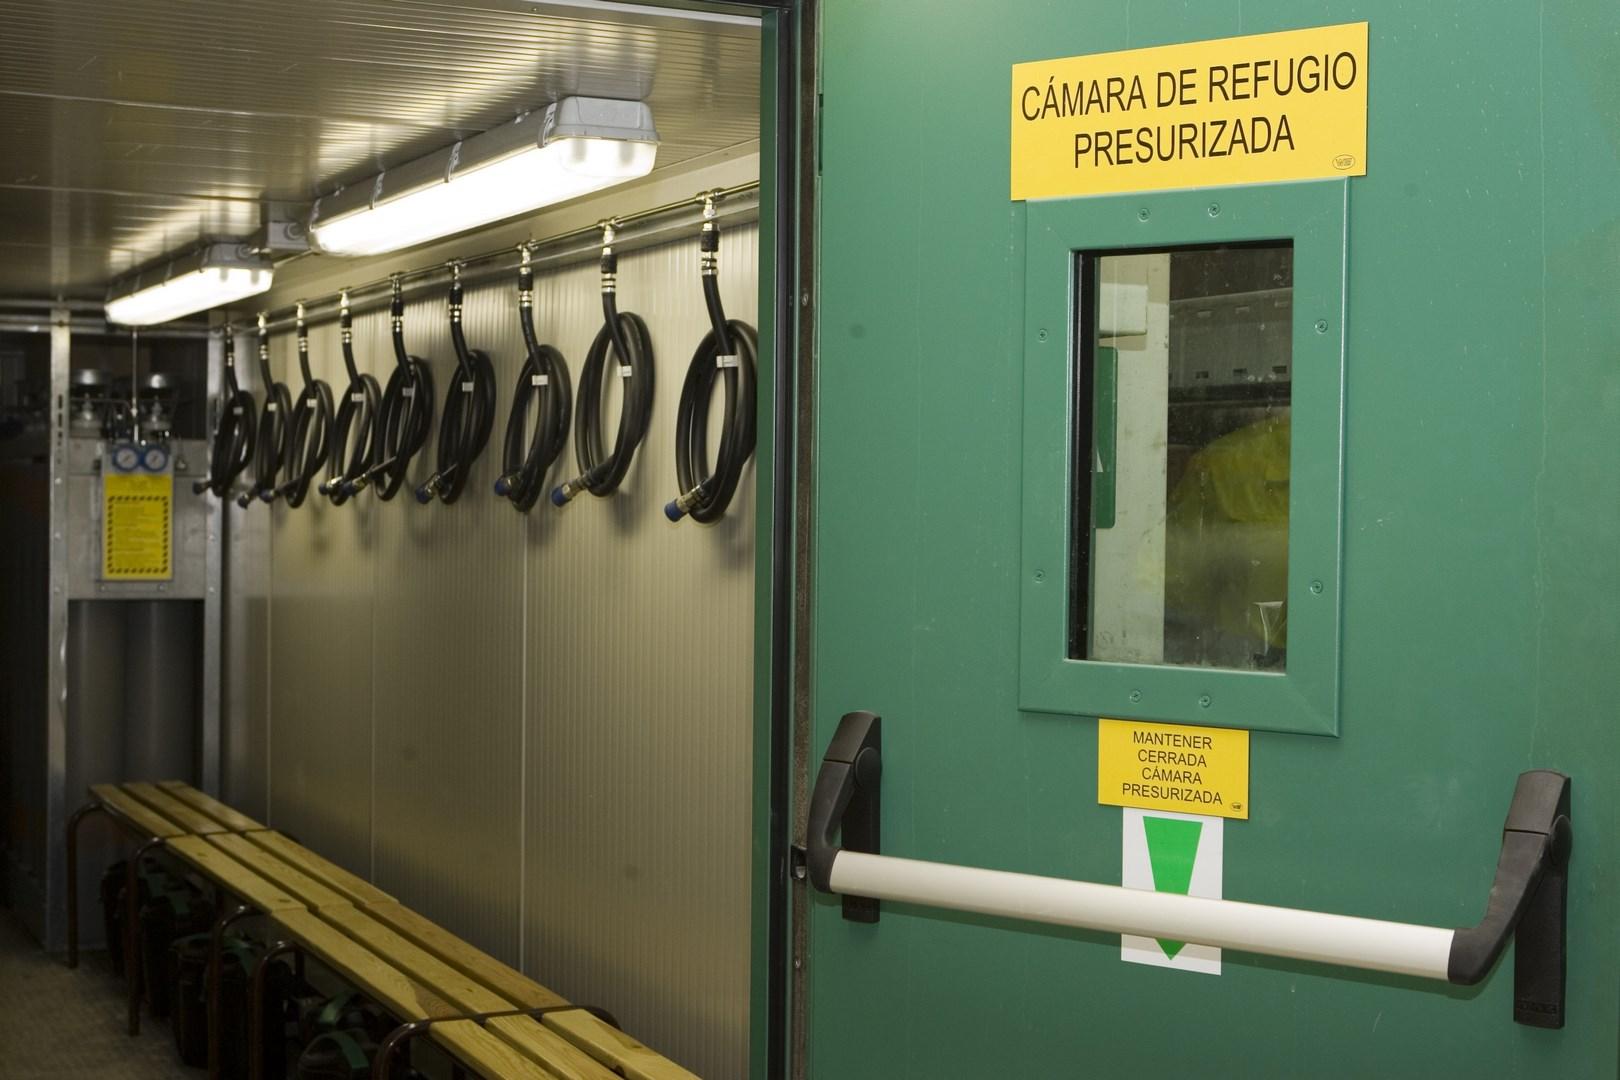 Pressurised refuge chamber